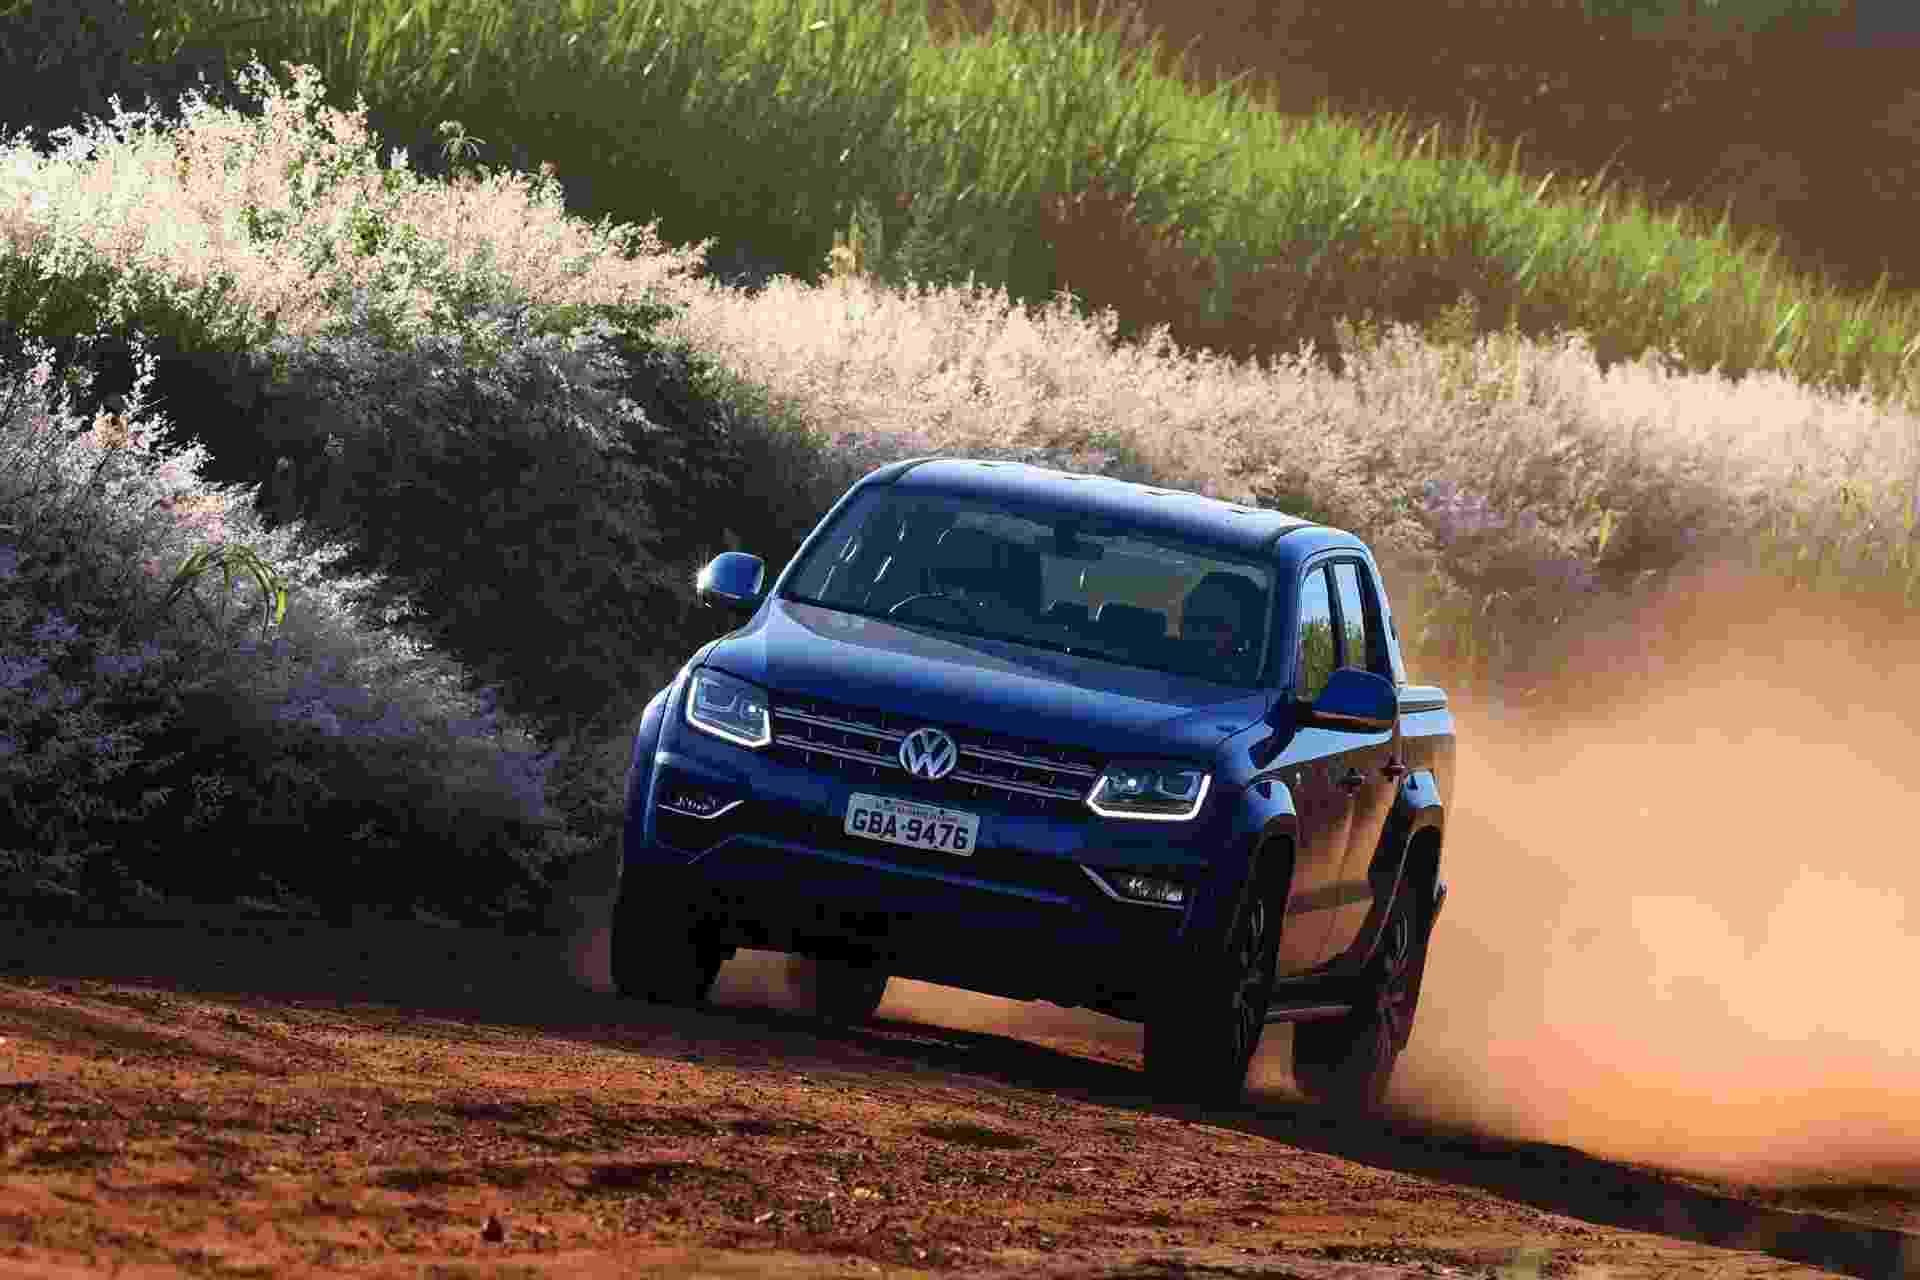 Volkswagen Amarok Extreme - Murilo Góes/UOL